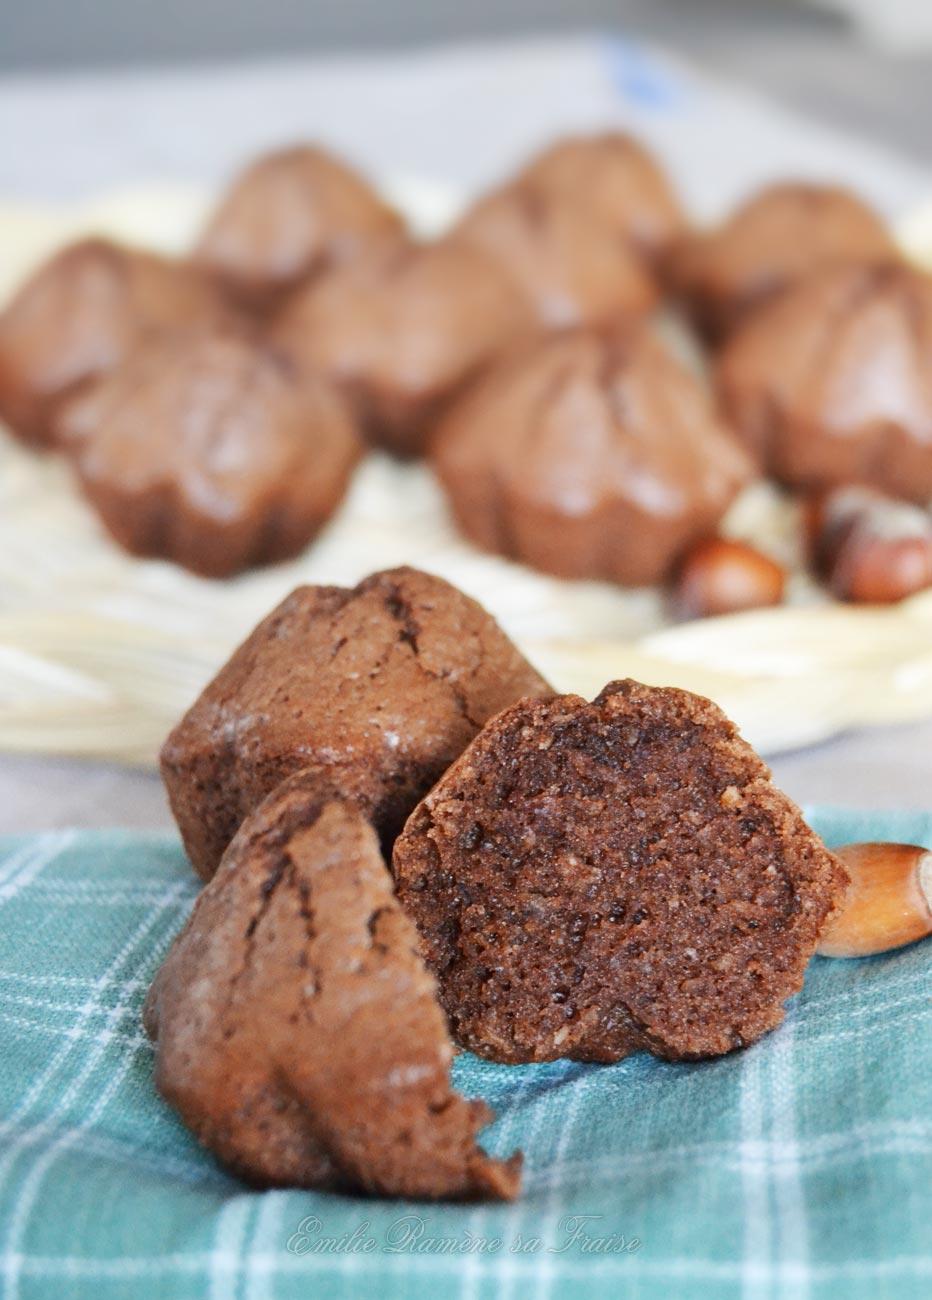 Petits gâteaux moelleux chocolat et noisettes